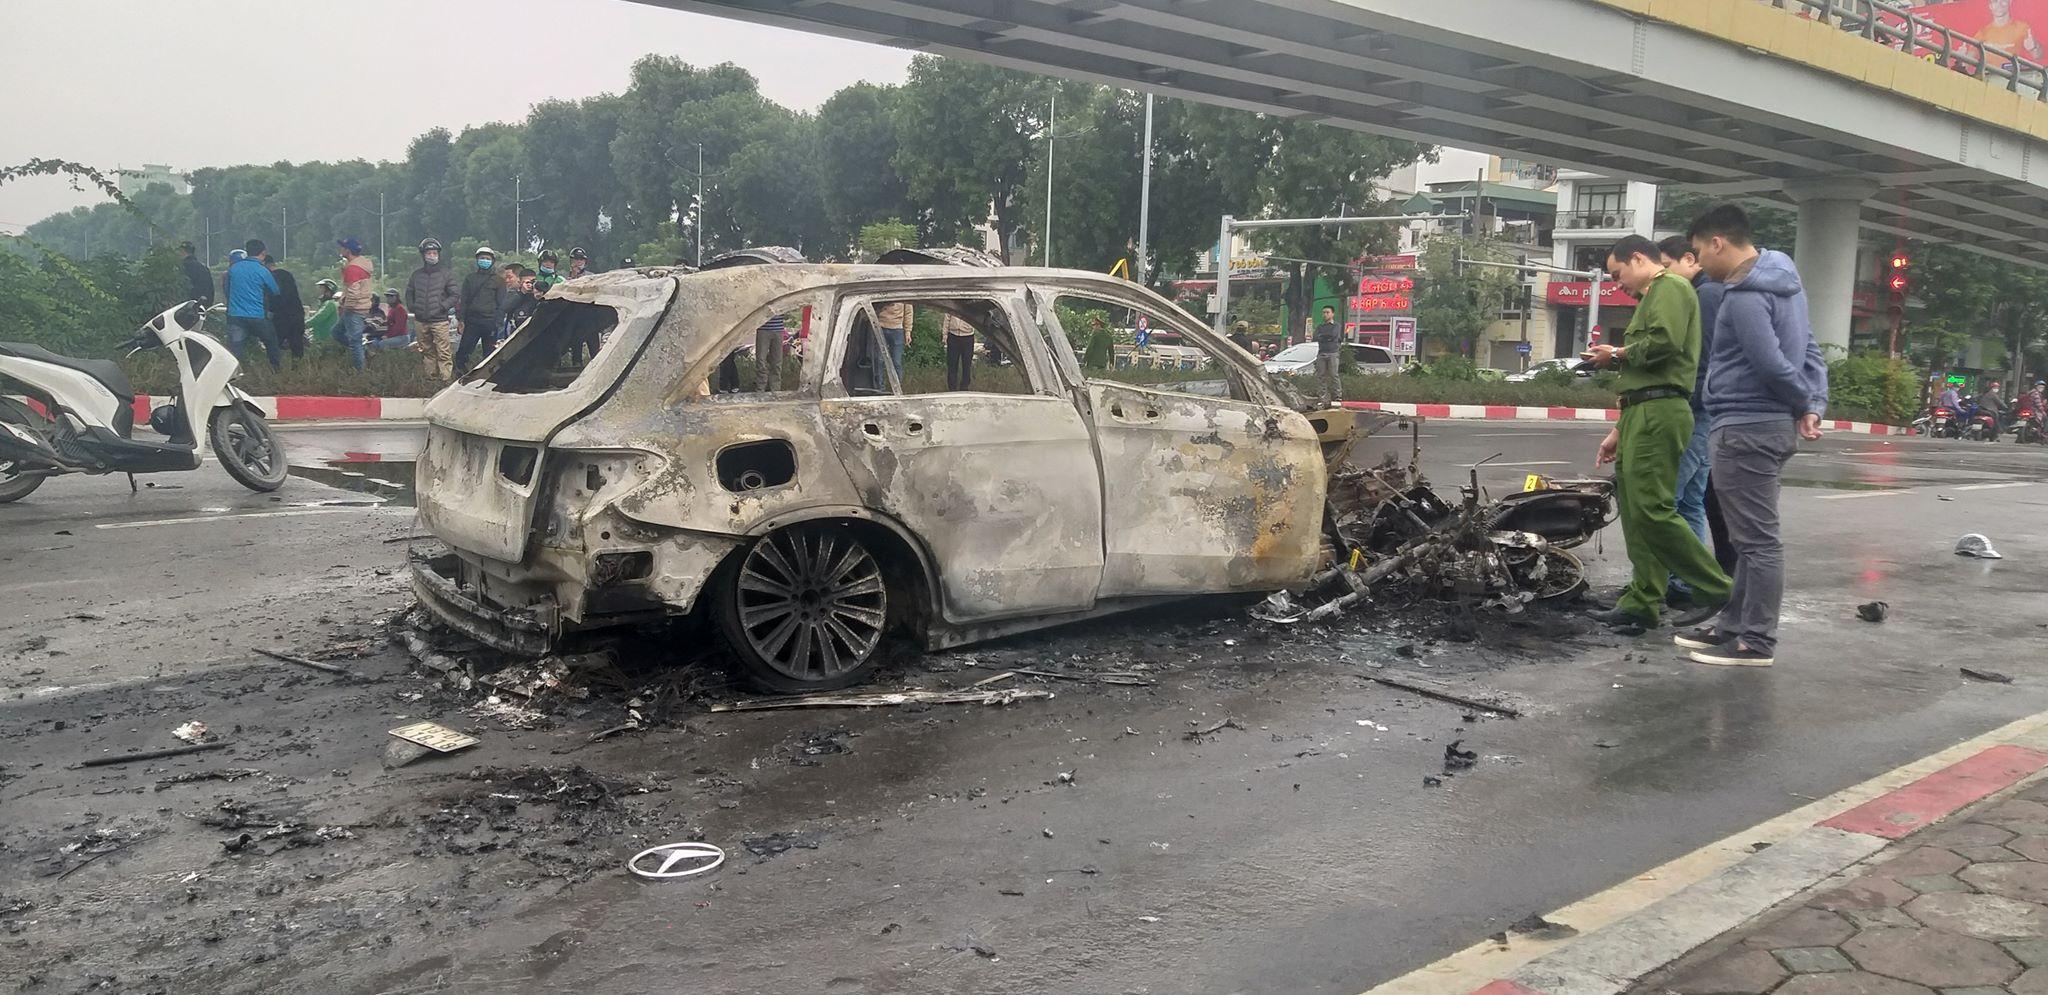 Tài xế ô tô Mercedes bốc cháy dữ dội ôm nạn nhân khóc?